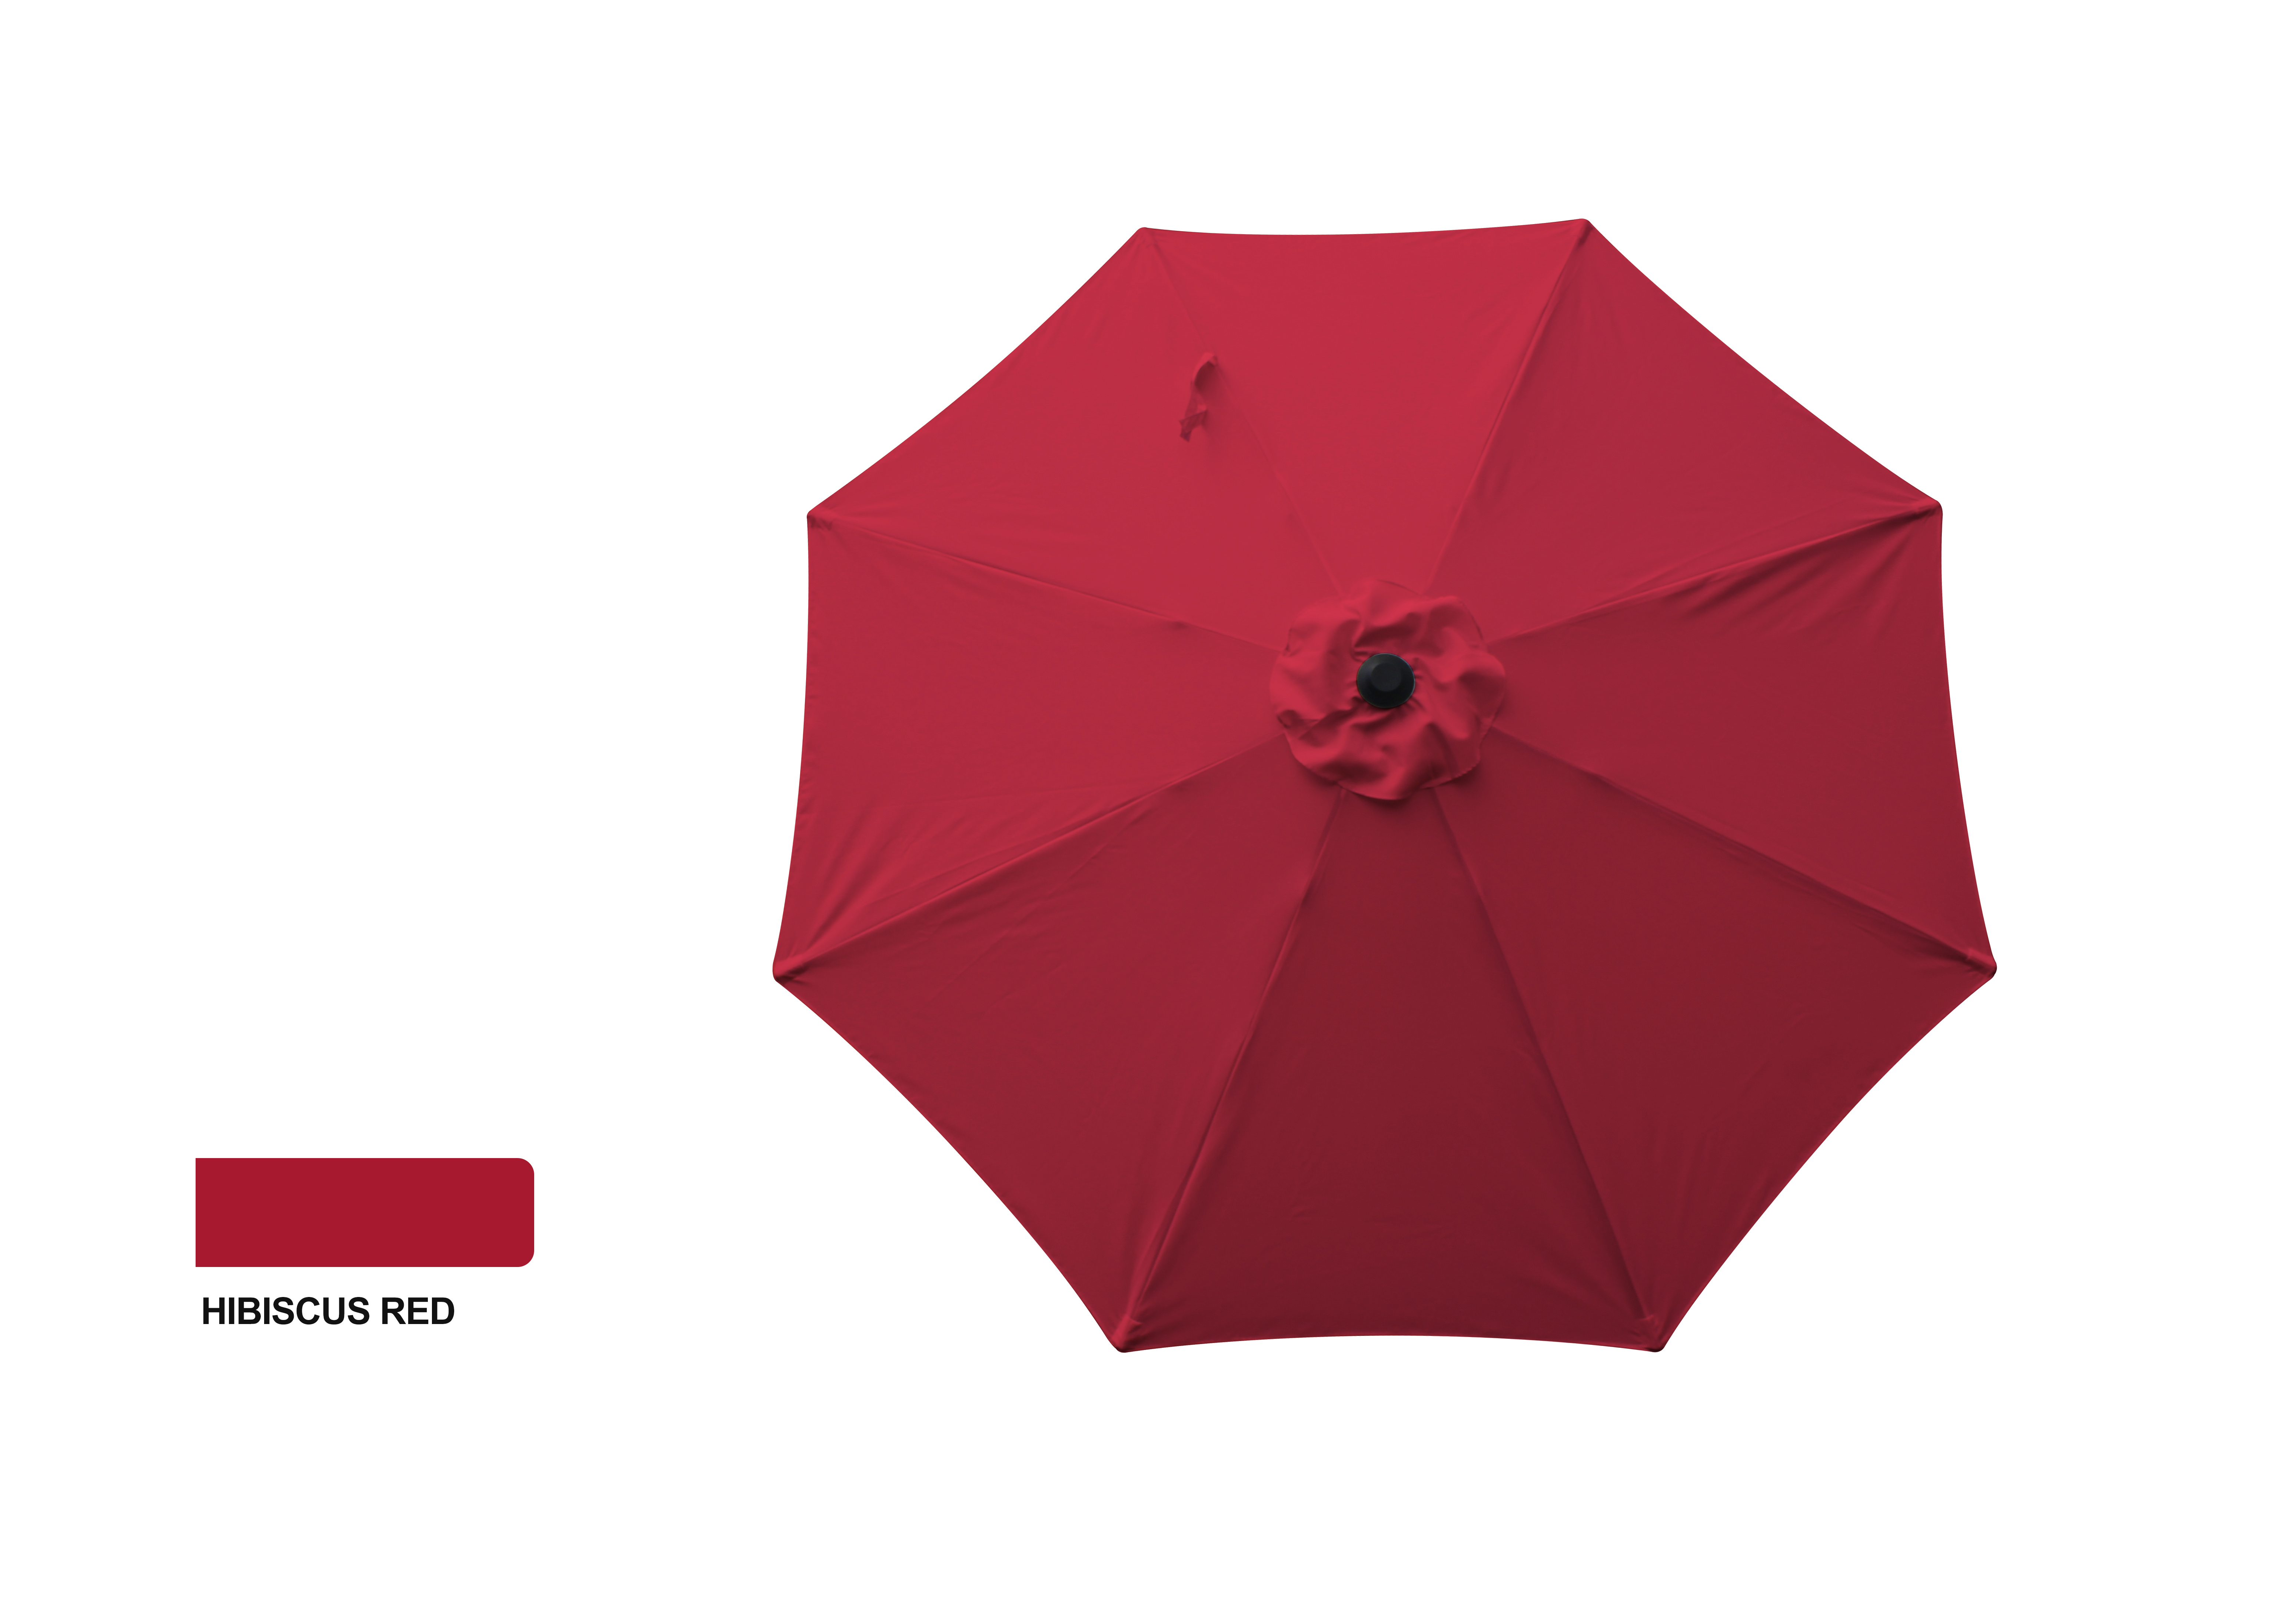 9' ALUMINUM MARKET UMBRELLA - HIBISCUS RED